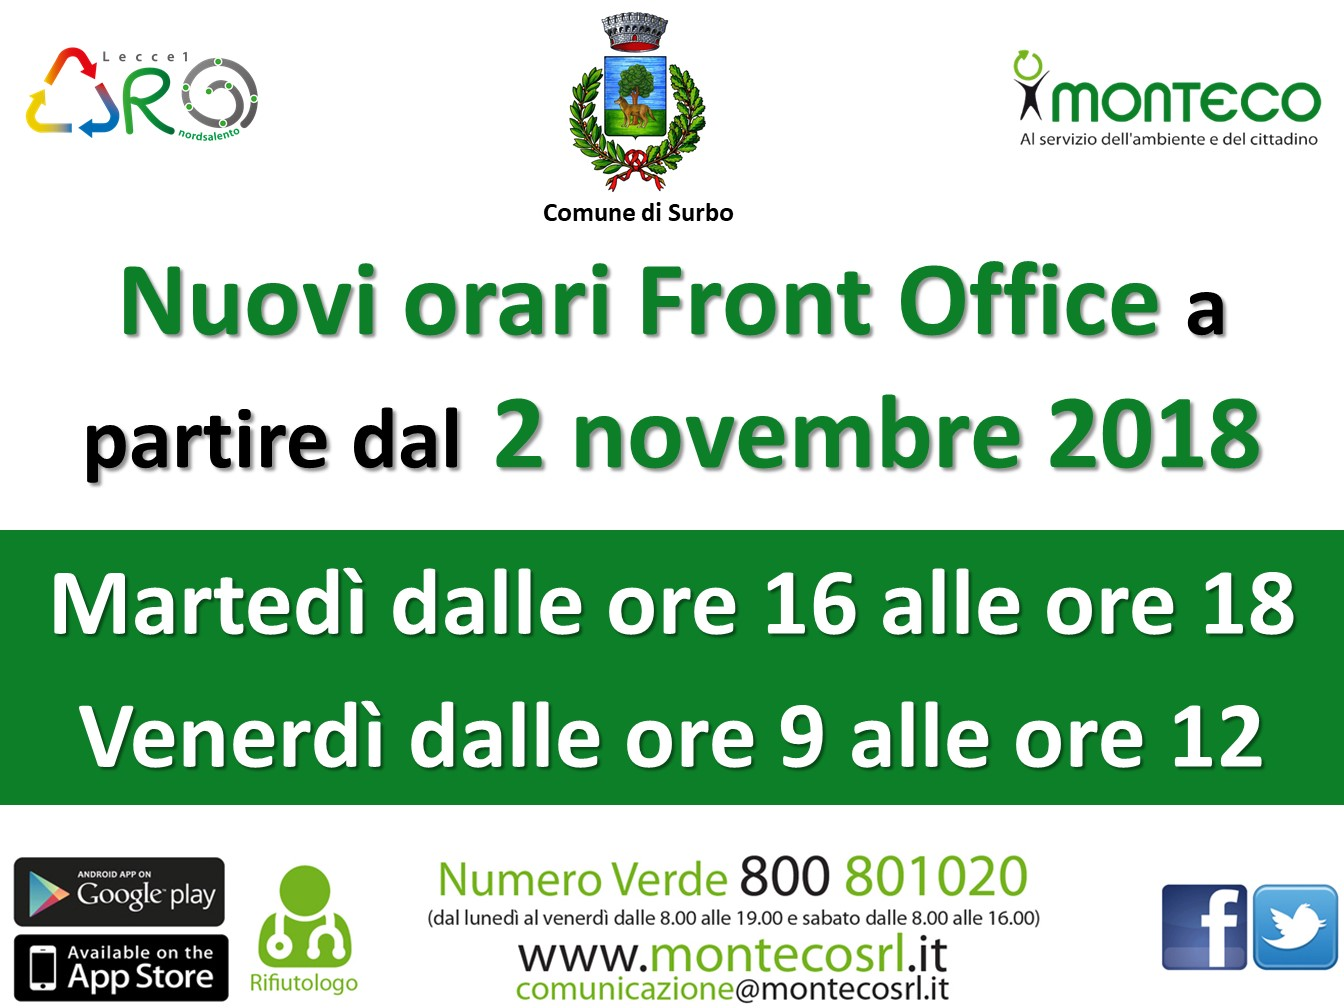 Surbo - Nuovi orari Front Office a partire dal 2 novembre 2018